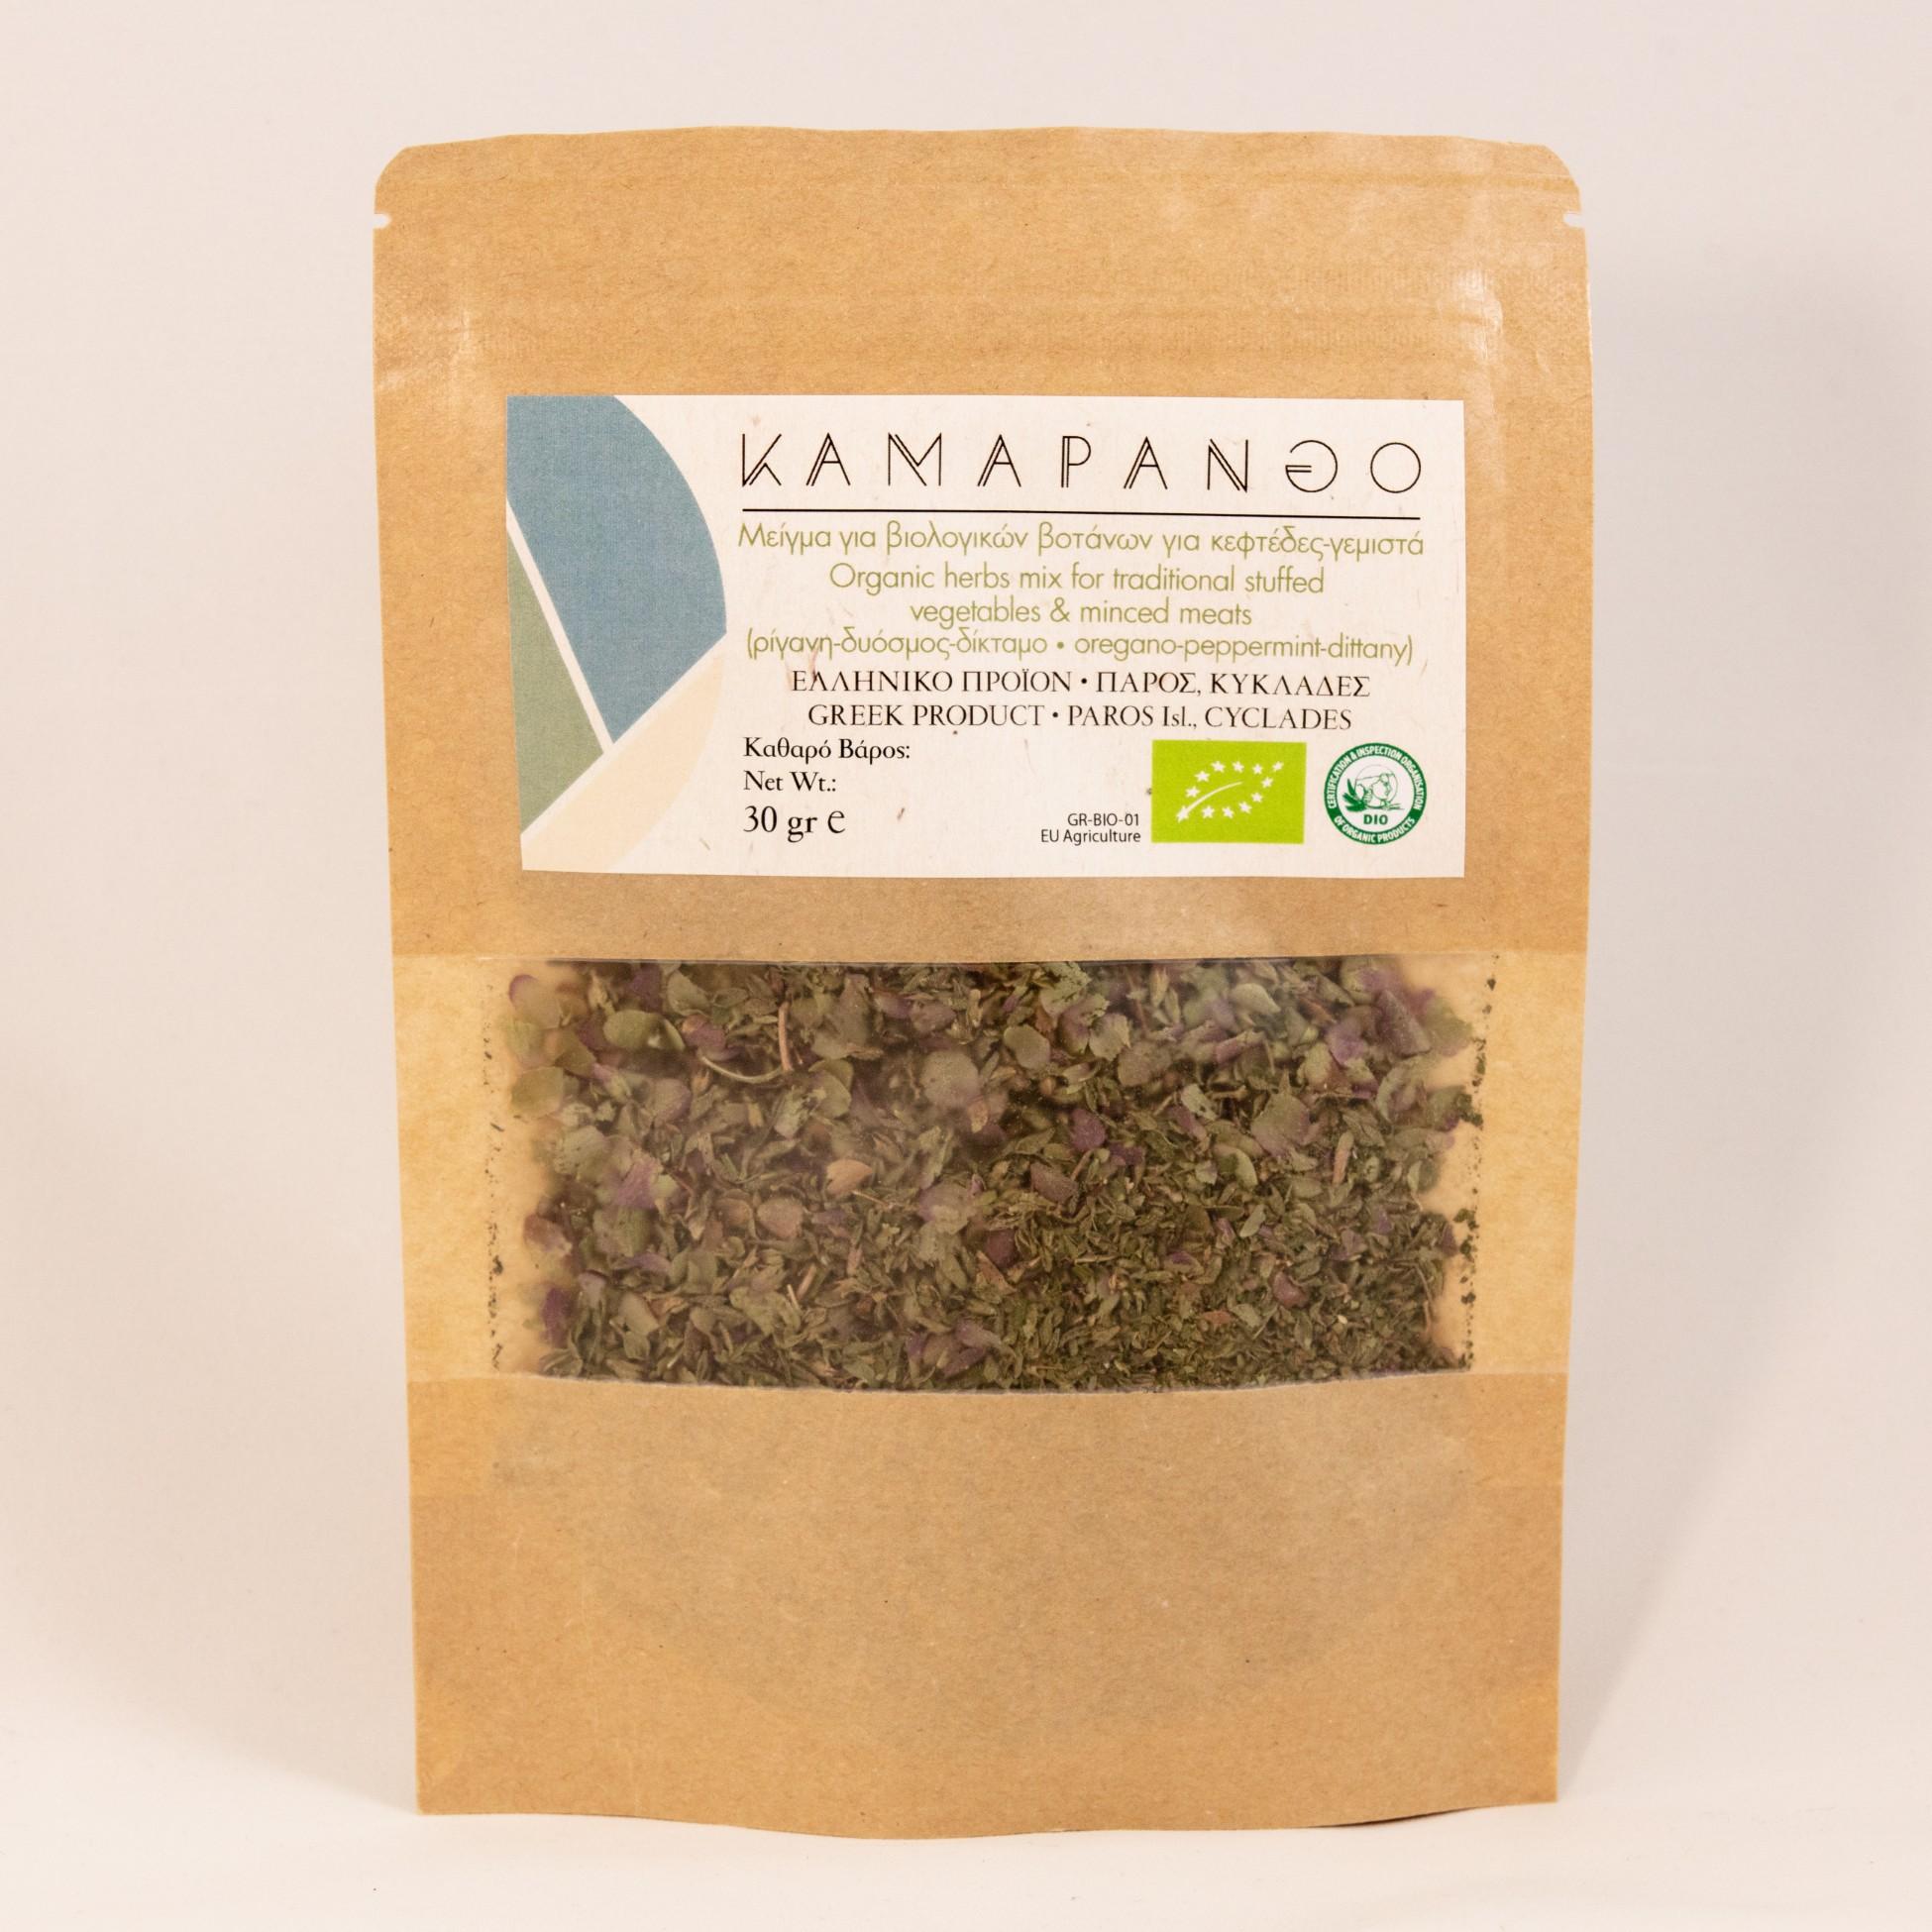 Μείγμα Βιολογικών Βοτάνων για Γεμιστά - Κεφτέδες, Ελληνικό Προϊόν